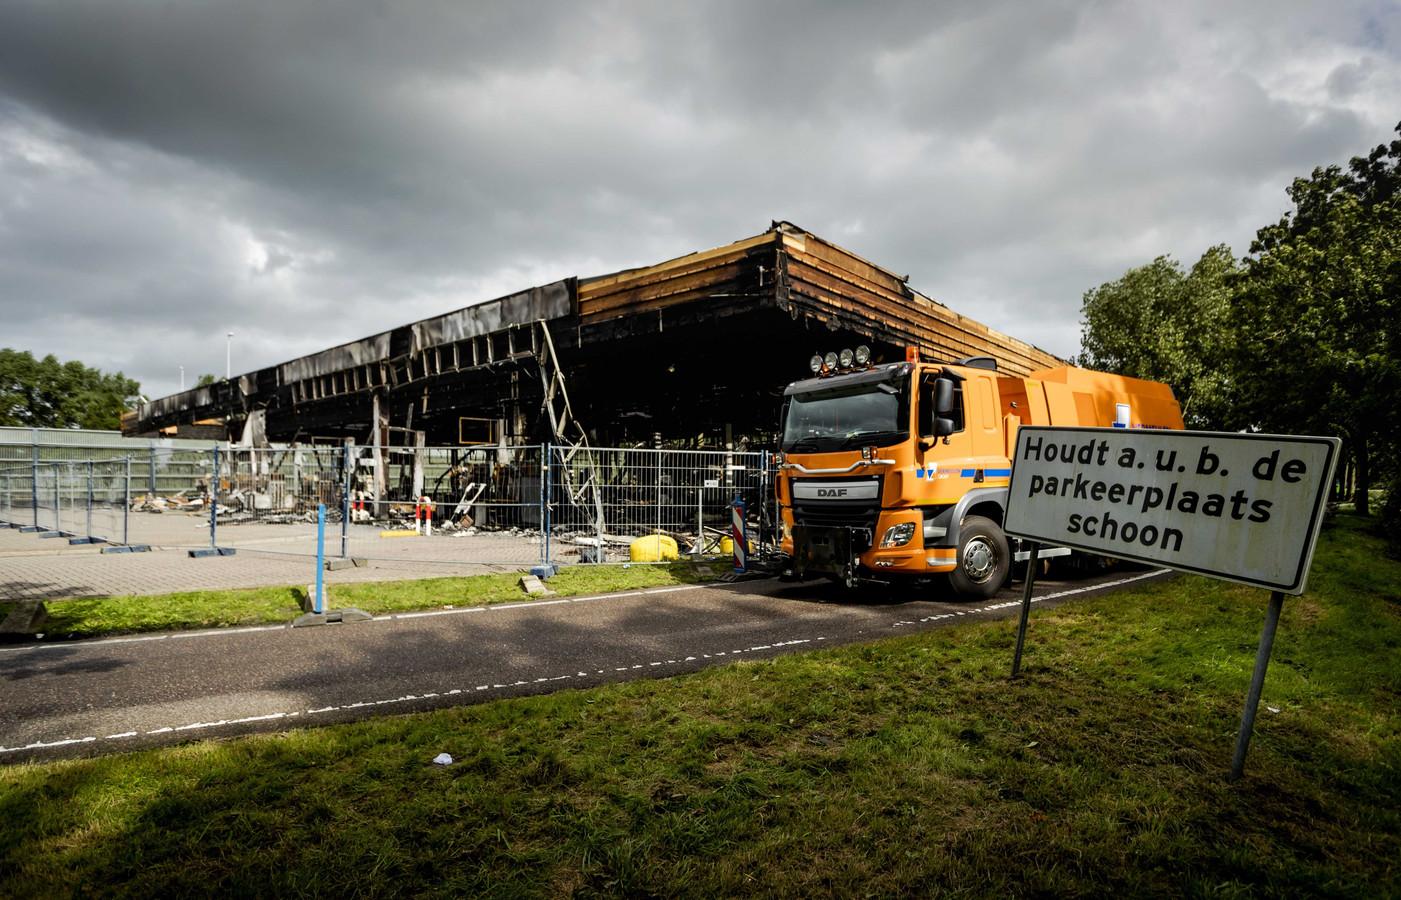 40644bbcde0 Tankstation De Andel langs de A12 is verwoest nadat daar brand heeft  gewoed. (Archieffoto